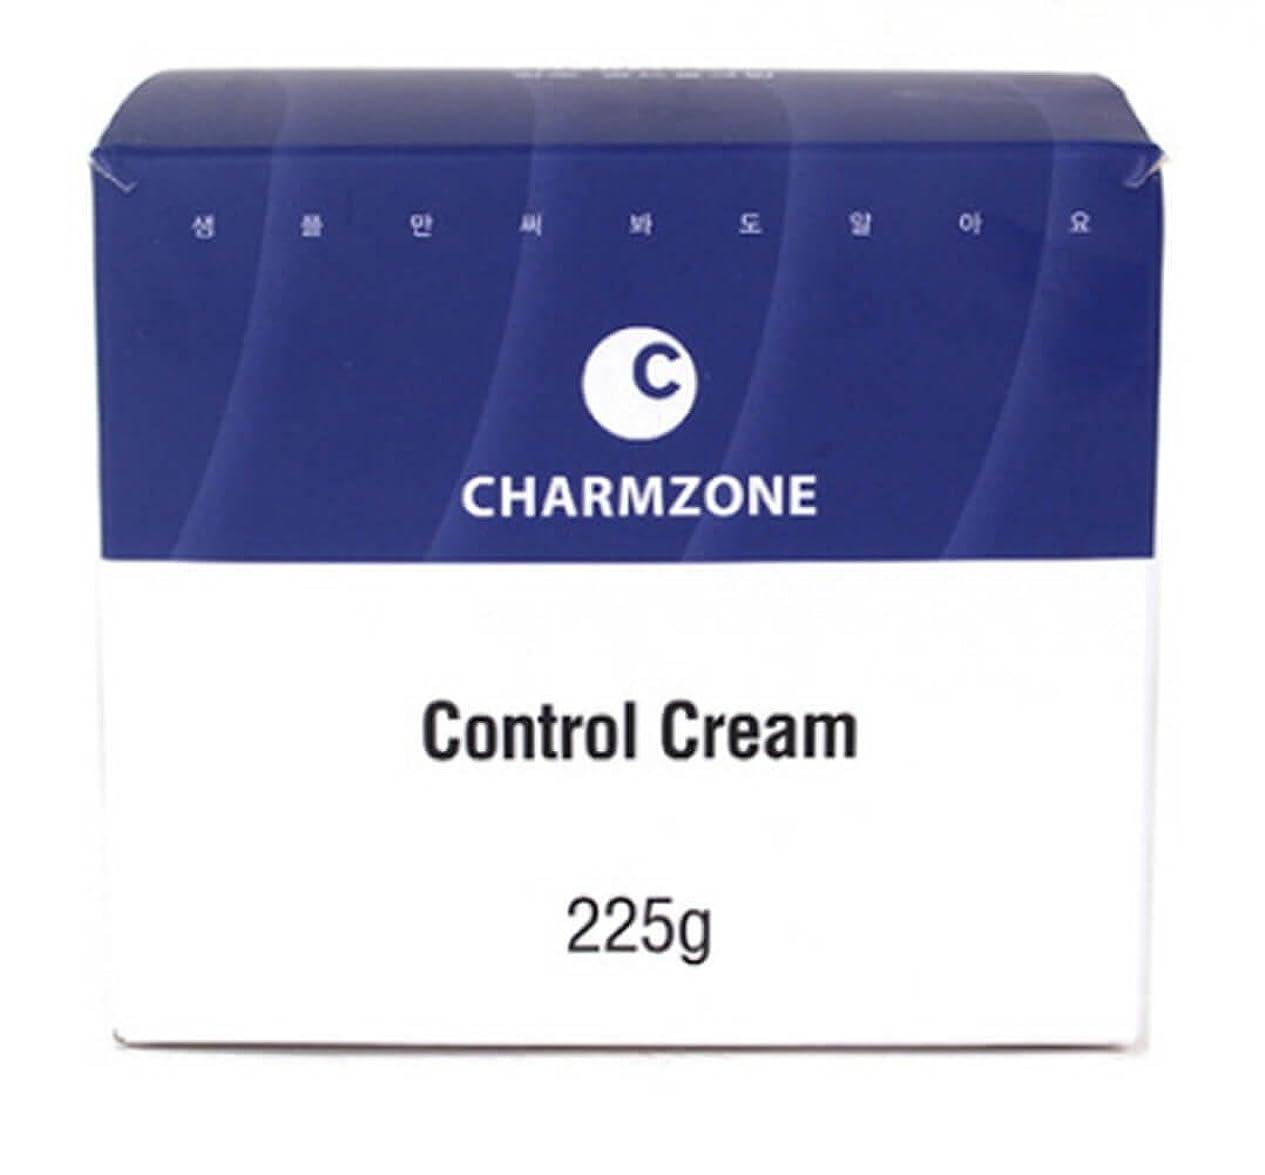 海パスポート要求する[チャムジョン] CharmZone コントロールクリーム マッサージ 栄養クリーム225g 海外直送品 (Control Cream Massage Nutrition Cream 225g)